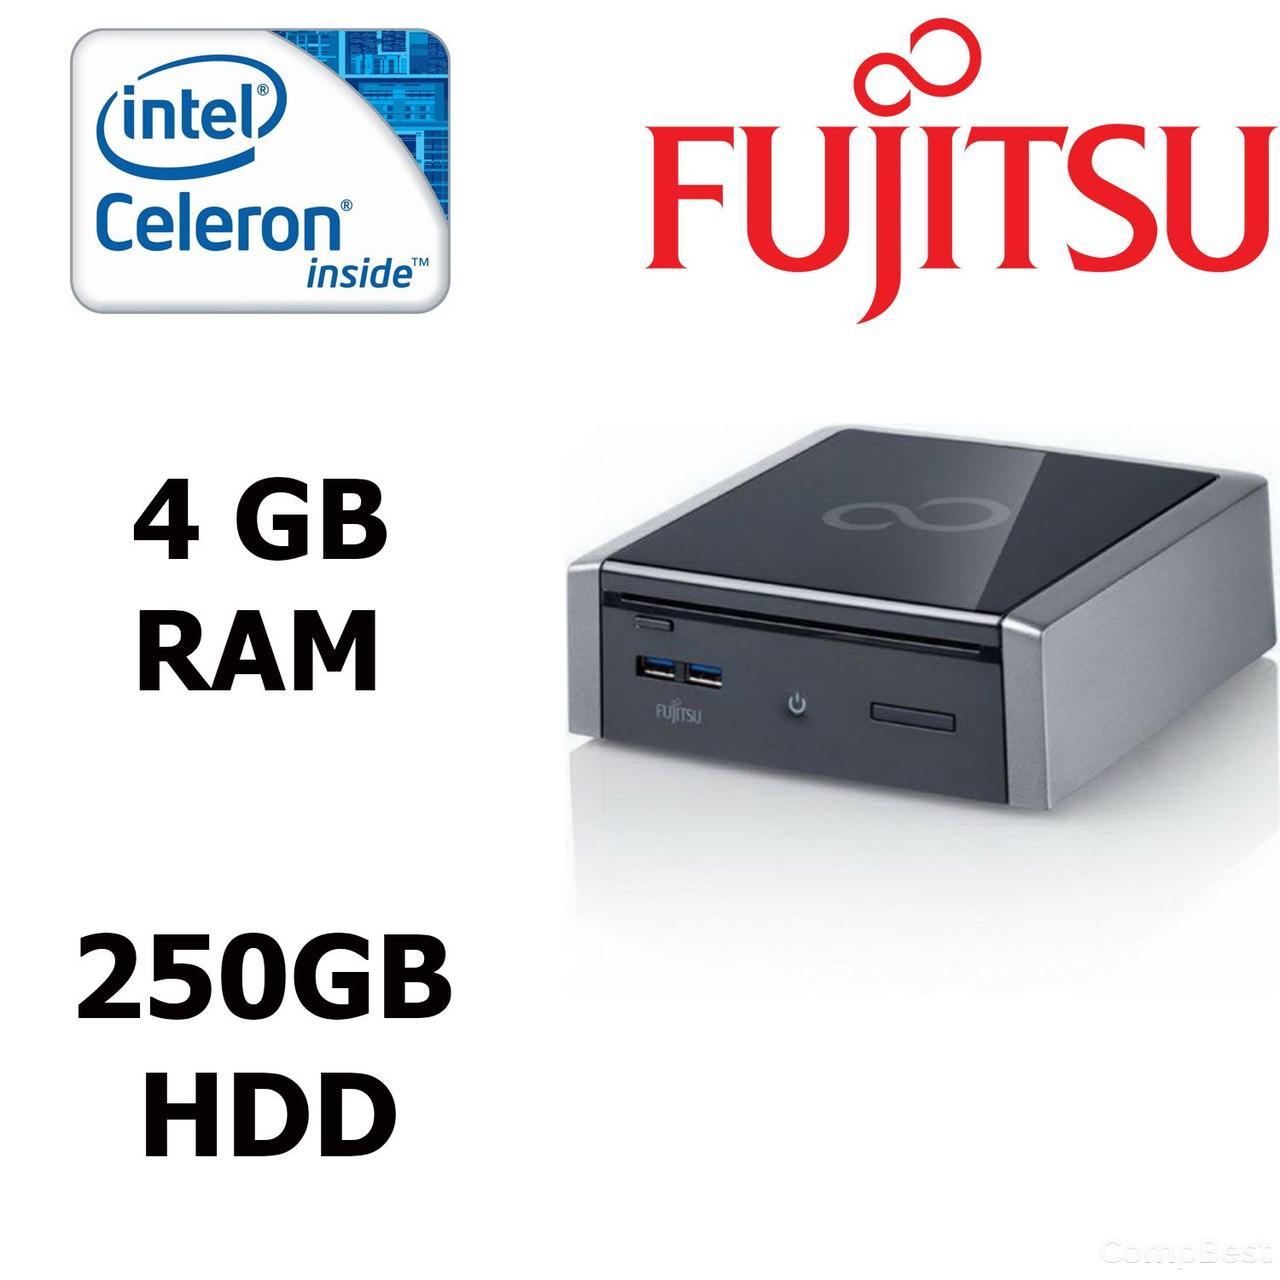 Fujitsu Simens Q900 USFF / Intel® Celeron® B800 (2 ядра по 1.5 GHz) / 4GB DDR3 / 250GB HDD / PCI 2.0